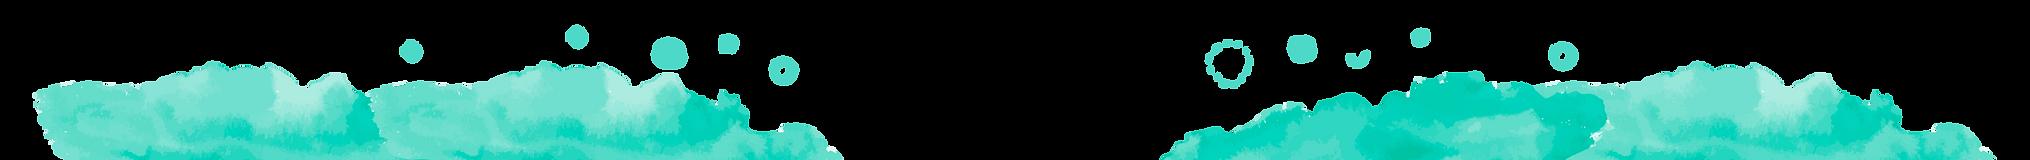 ヘッダー03.png